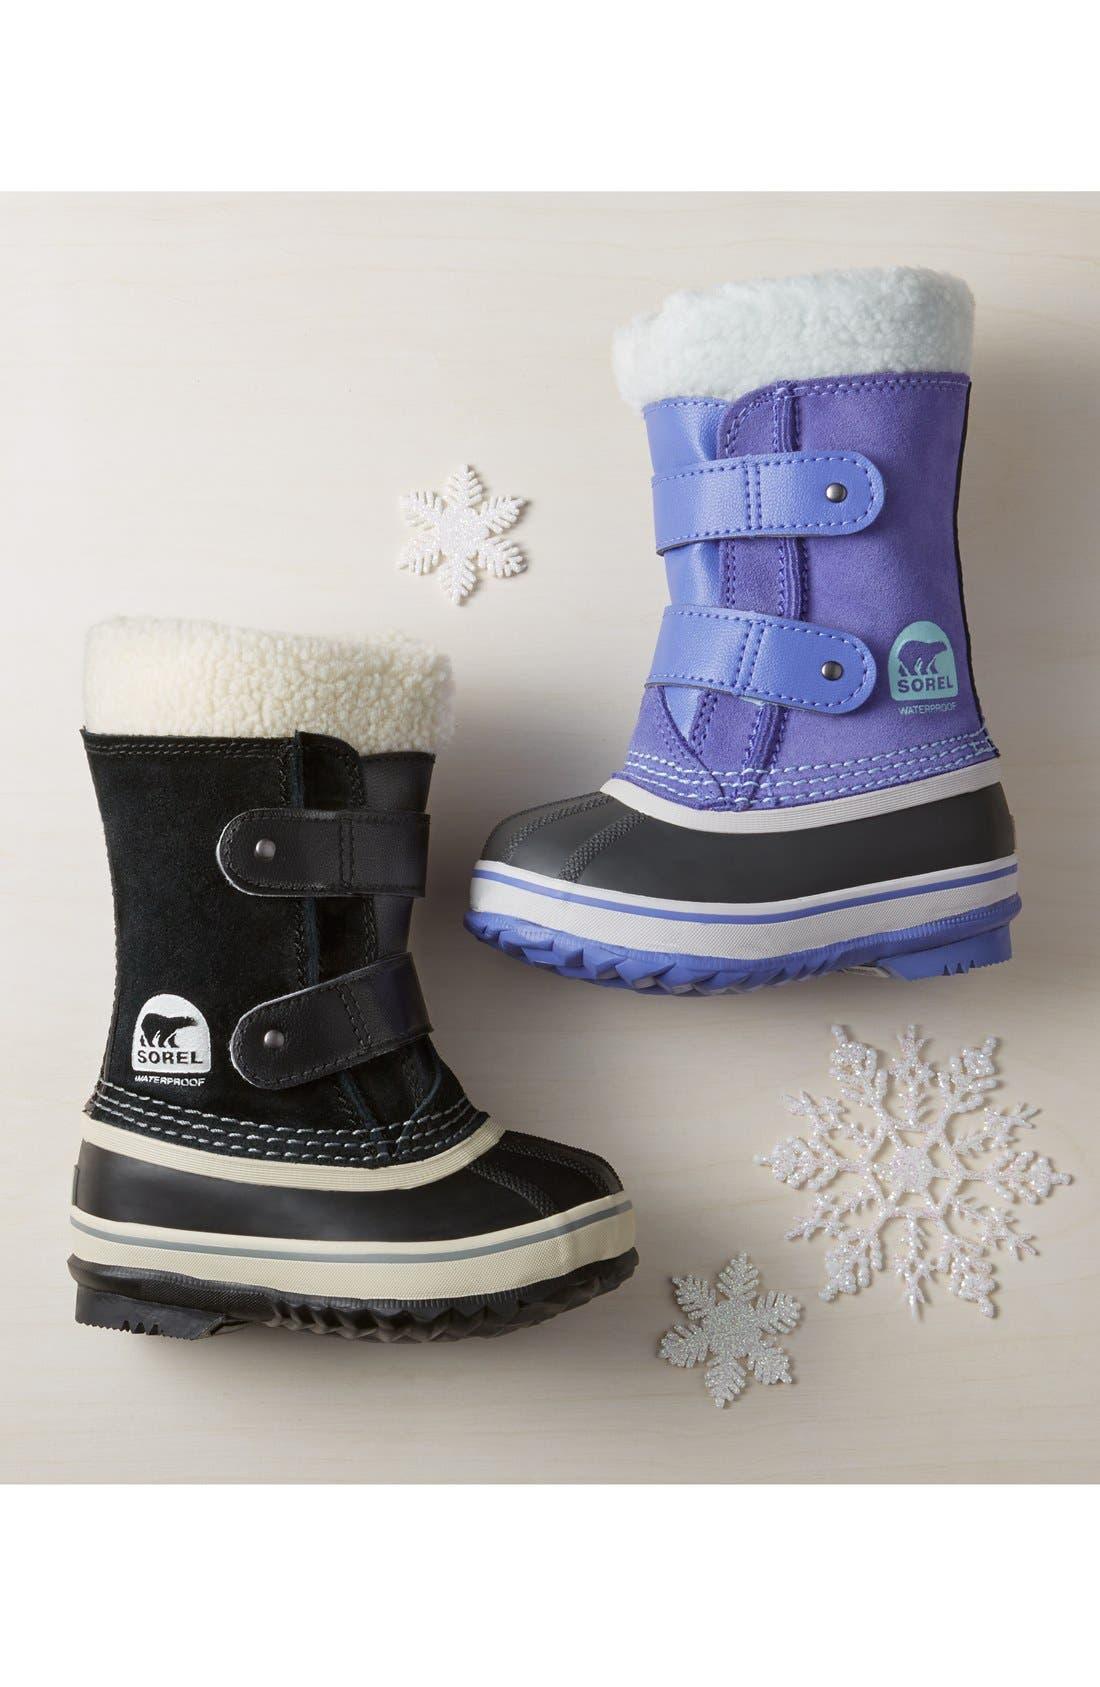 SOREL,                             '1964 PacStrap' Snow Boot,                             Main thumbnail 1, color,                             200